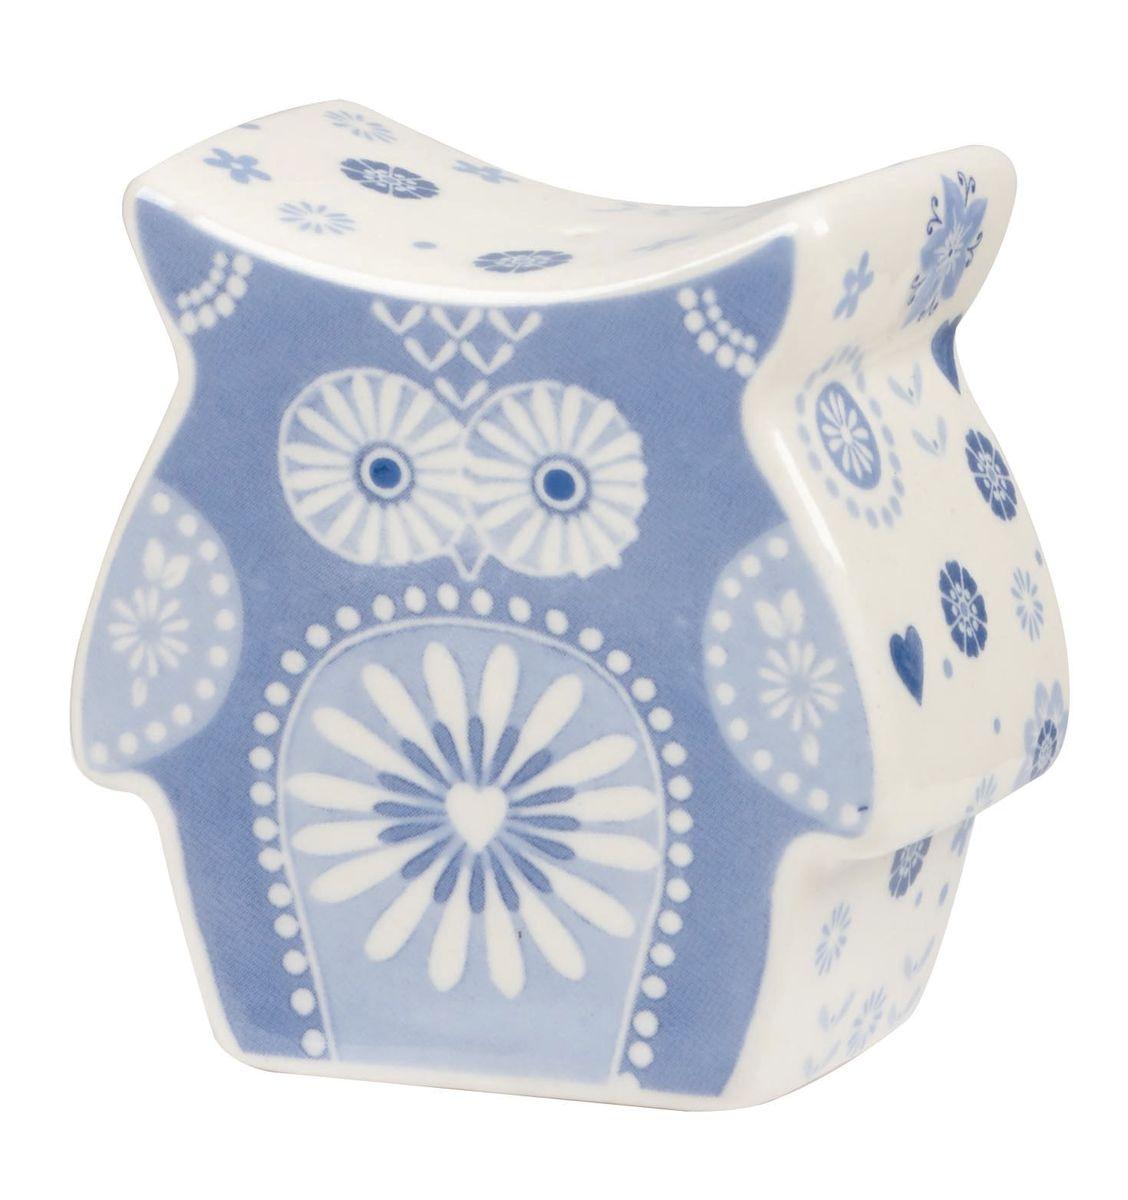 Набор для специй Churchill, 2 предмета. PENZ00491PENZ00491Коллекция Penzance - классическое сочетание синего и белого с народным дизайном. Материал: фарфор, фаянс, керамика. Можно мыть в посудомоечной машине Можно использовать в микроволновой печи